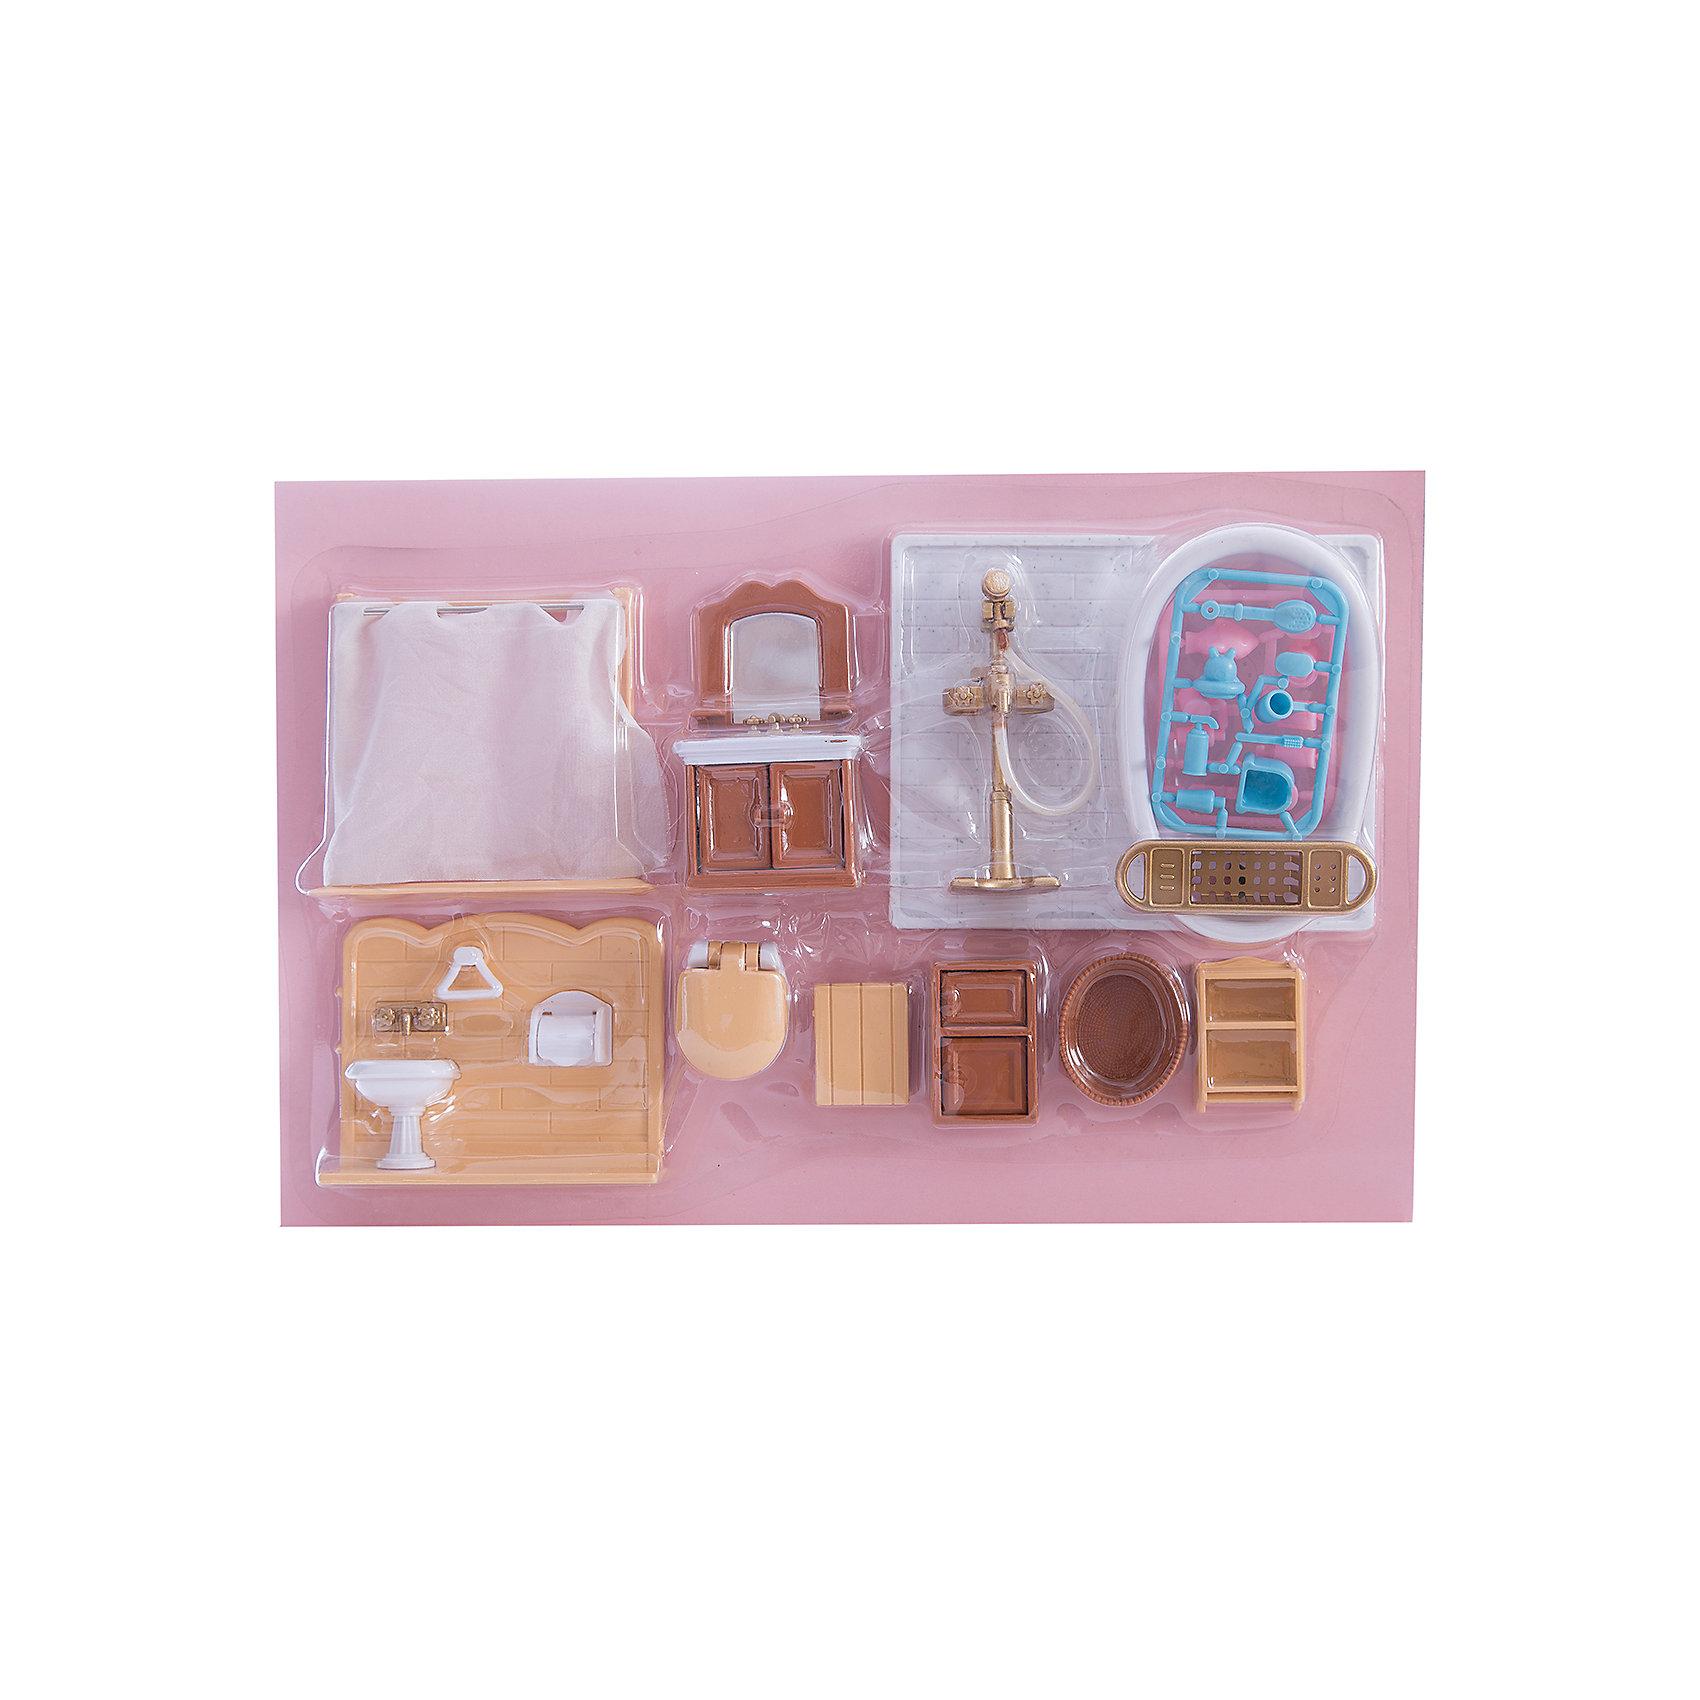 Набор мебели для ванной, с аксессурами, Счастливые друзья, ABtoysДомики и мебель<br>Набор мебели для ванной, с аксессуарами, Счастливые друзья, ABtoys (АБтойс) - этот игровой набор сделает счастливой каждую девочку!<br>С набором мебели для ванной от компании ABtoys (АБтойс) ребенок сможет разыграть множество сценок из жизни забавных зверюшек. Белая ванночка, ширмы, умывальники и полки для предметов личной гигиены понравятся каждой девочке. А разнообразные аксессуары сделают игру еще более увлекательной. С таким игровым набором ваша девочка сможет придумывать множество сюжетно-ролевых игр.<br><br>Дополнительная информация:<br><br>- В наборе: мебель для гостиной (трюмо, стол, стул), аксессуары<br>- Цвет: коричневый, белый, голубой, розовый<br>- Материал: пластик<br>- Размер упаковки: 33,2 x 5,5 x 21,8 см.<br>- Вес: 353 гр.<br><br>Набор мебели для ванной, с аксессуарами, Счастливые друзья, ABtoys (АБтойс) можно купить в нашем интернет-магазине.<br><br>Ширина мм: 332<br>Глубина мм: 218<br>Высота мм: 55<br>Вес г: 353<br>Возраст от месяцев: 36<br>Возраст до месяцев: 144<br>Пол: Женский<br>Возраст: Детский<br>SKU: 4622661